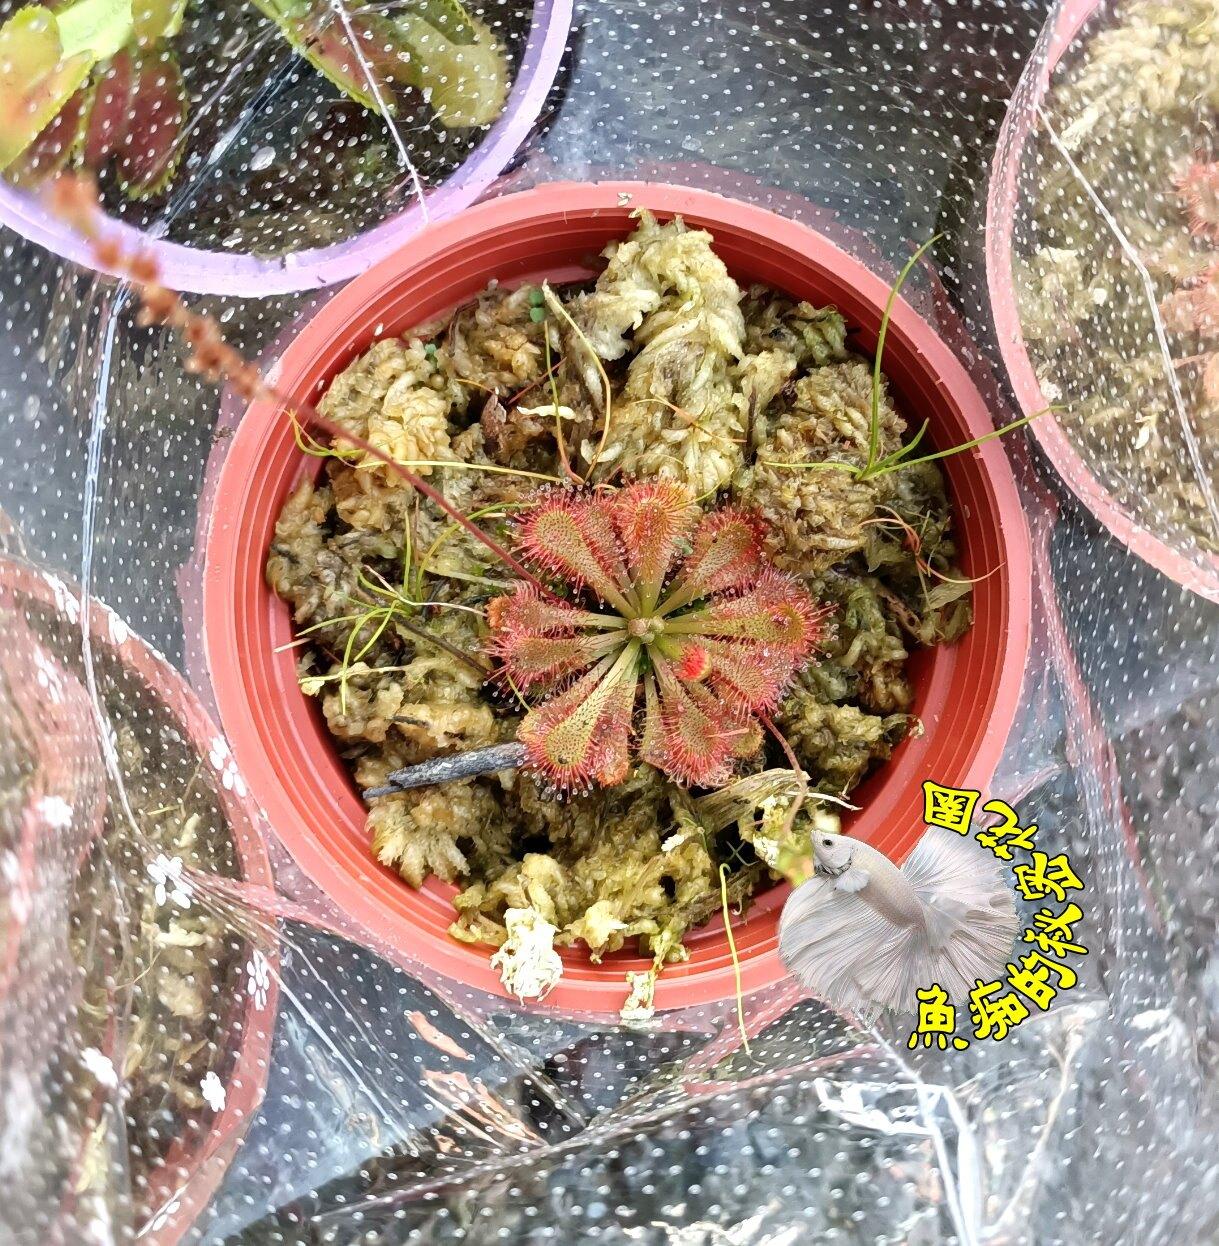 3吋盆 [小型紅色毛氈苔 小毛氈苔盆栽] 活體食蟲植物 可以捕捉小昆蟲 ~需光線需充足+保濕